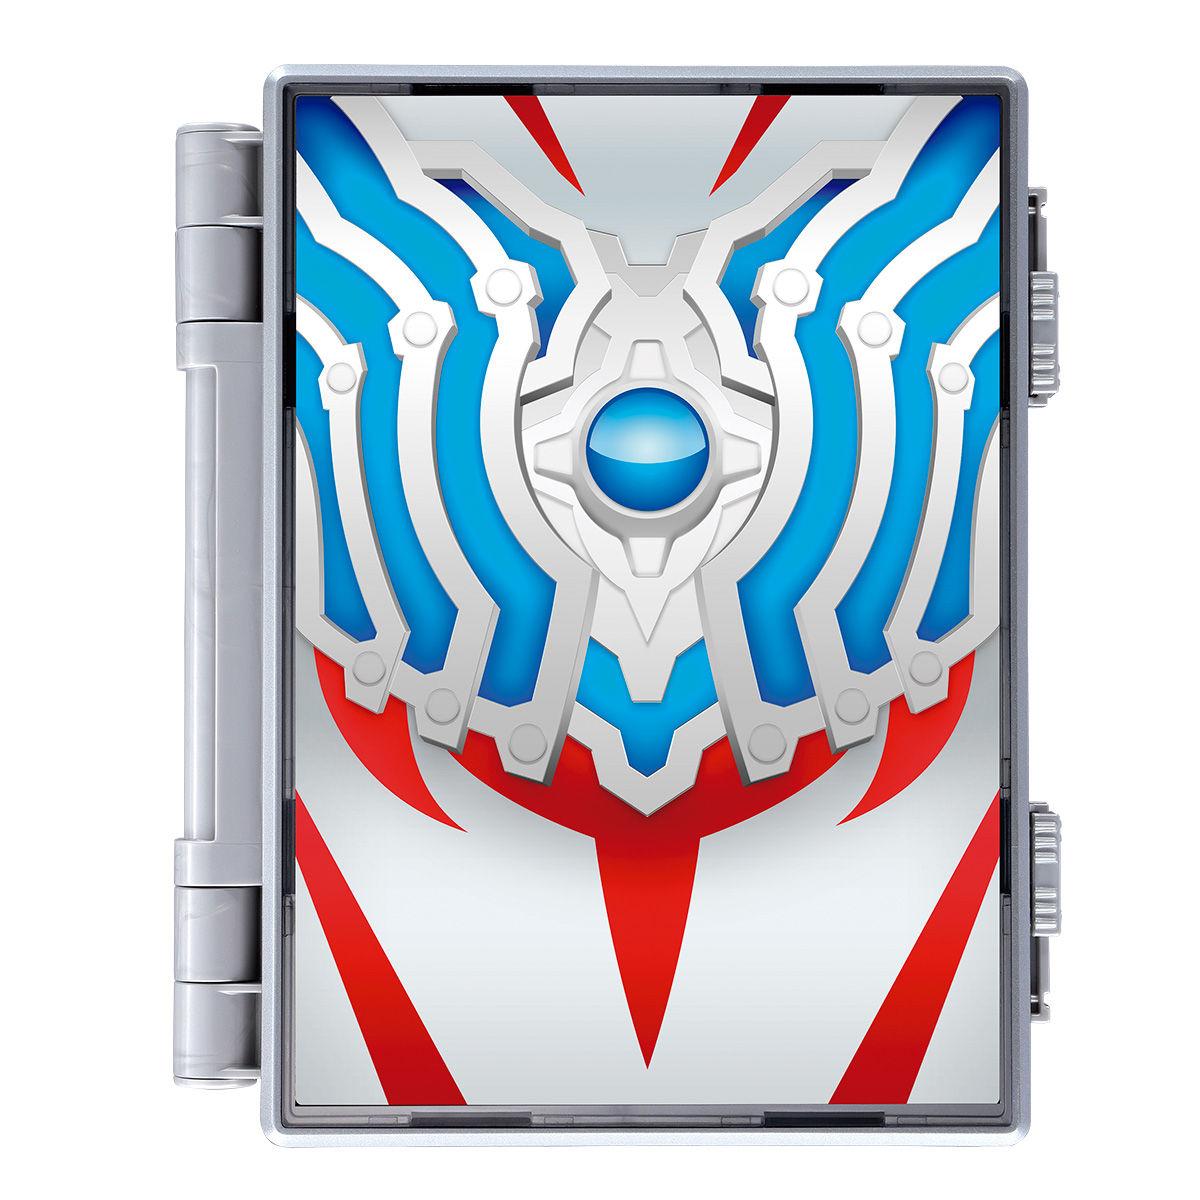 【限定販売】ウルトラマン『アバレンボウル オフィシャルメダルホルダー』ガシャポン-001